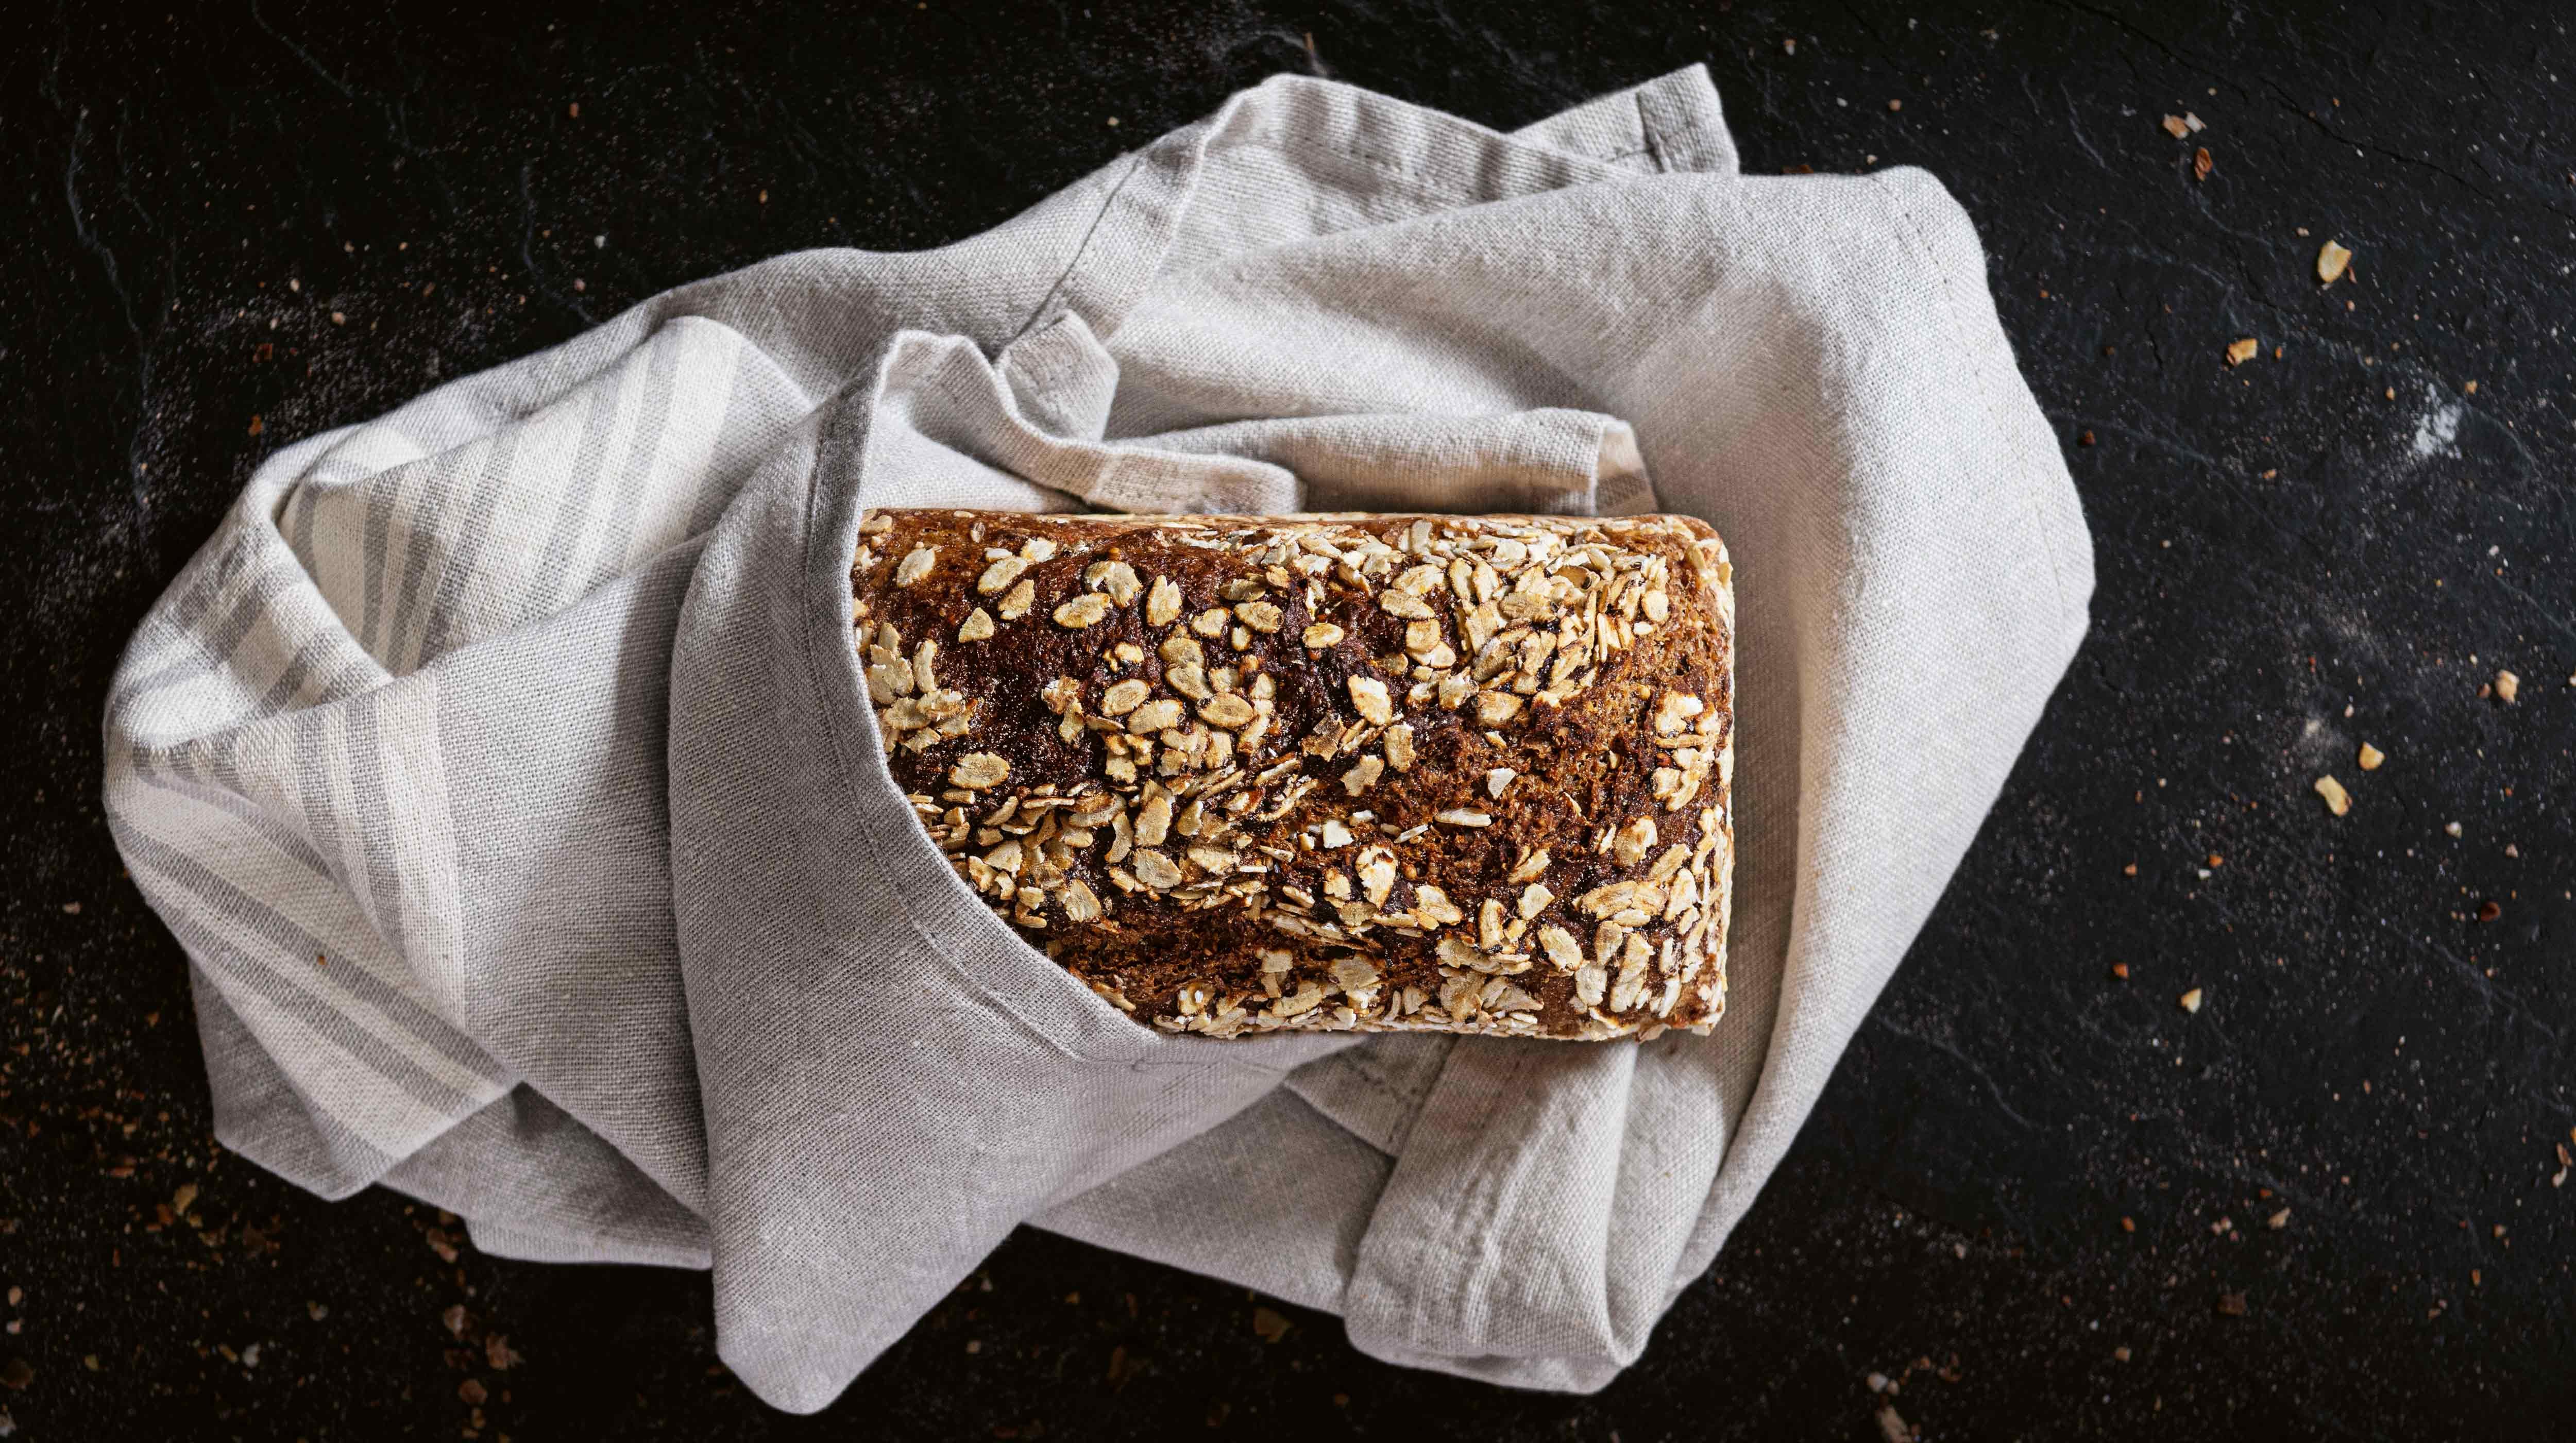 Steinofenbrot Sieben-Korn-Brot